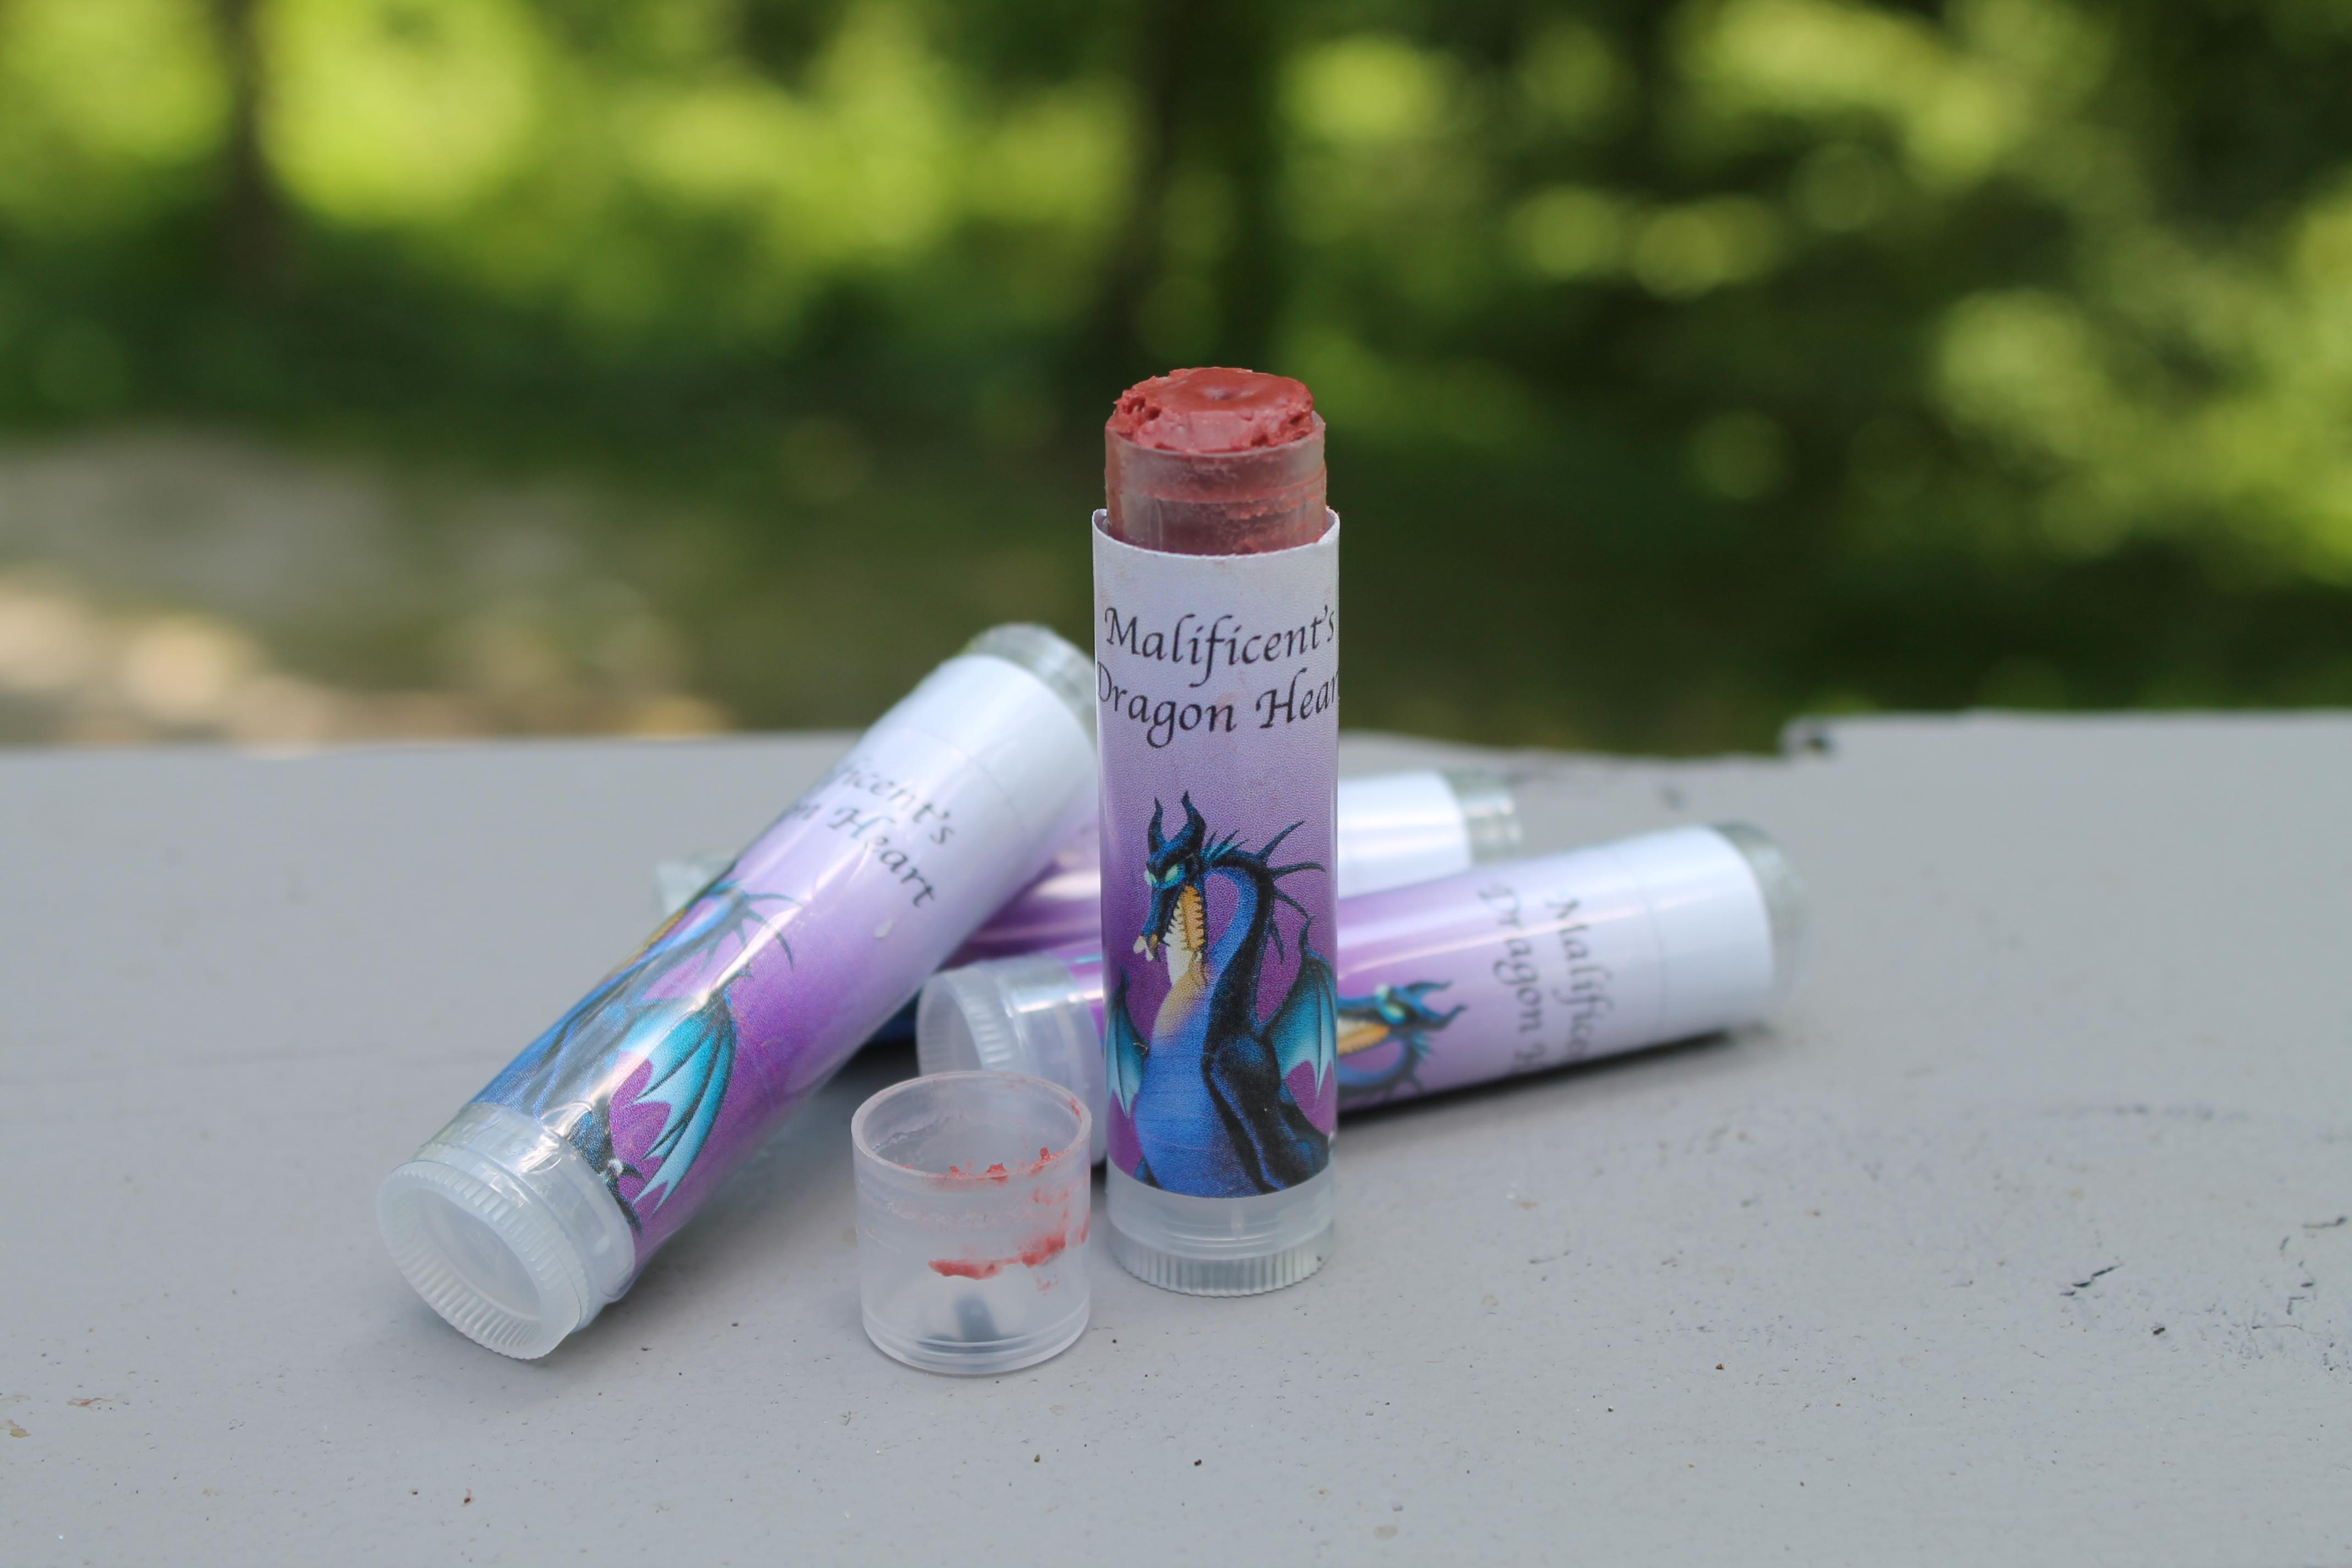 Maleficent's lip balm in Black cherry scent